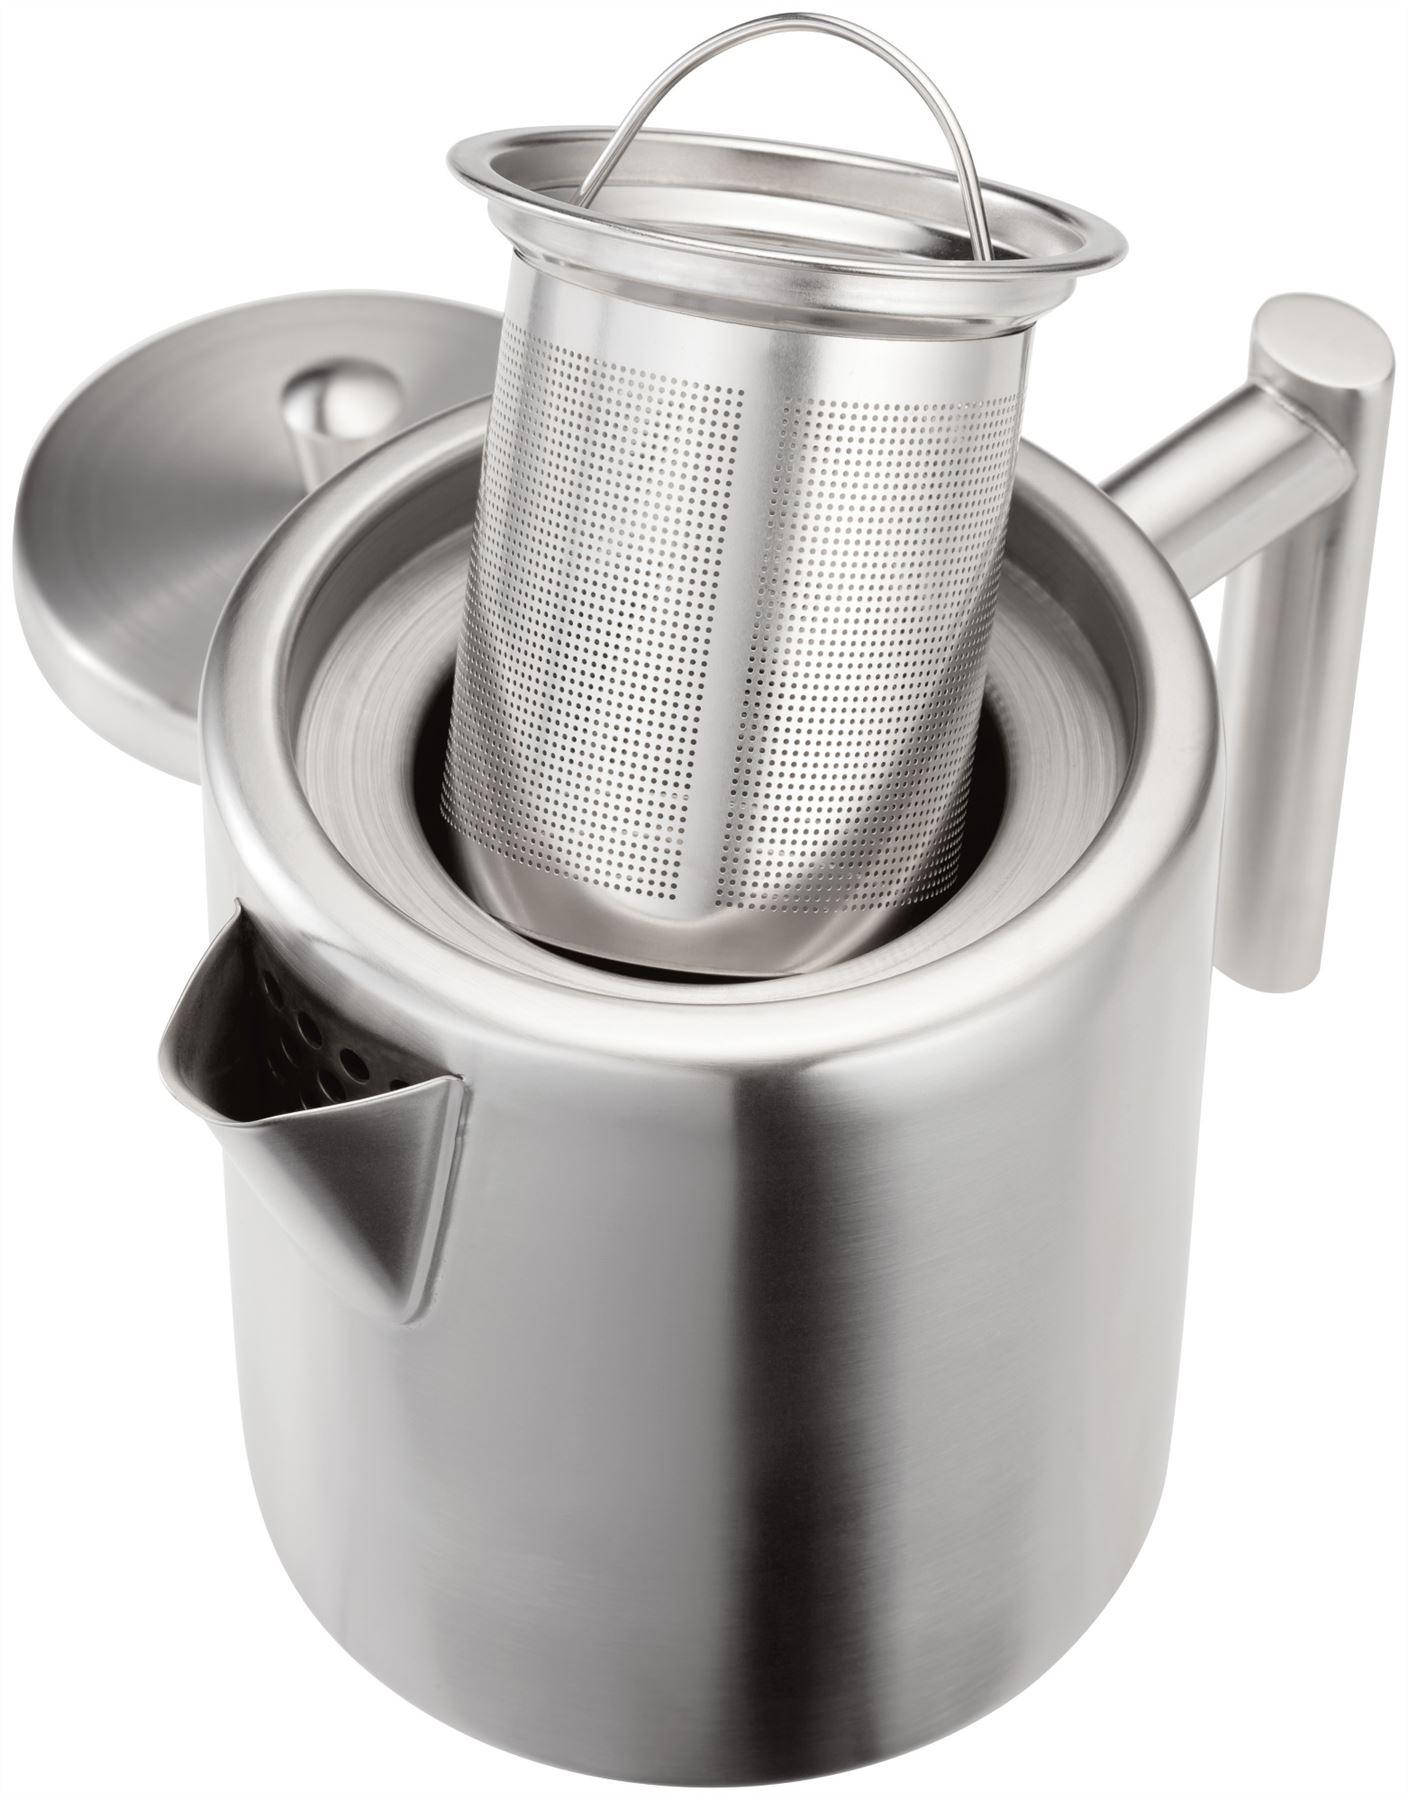 Stellar oslo teaware stainless steel 5 cup infuser teapot - Cup stainless steel teapot ...